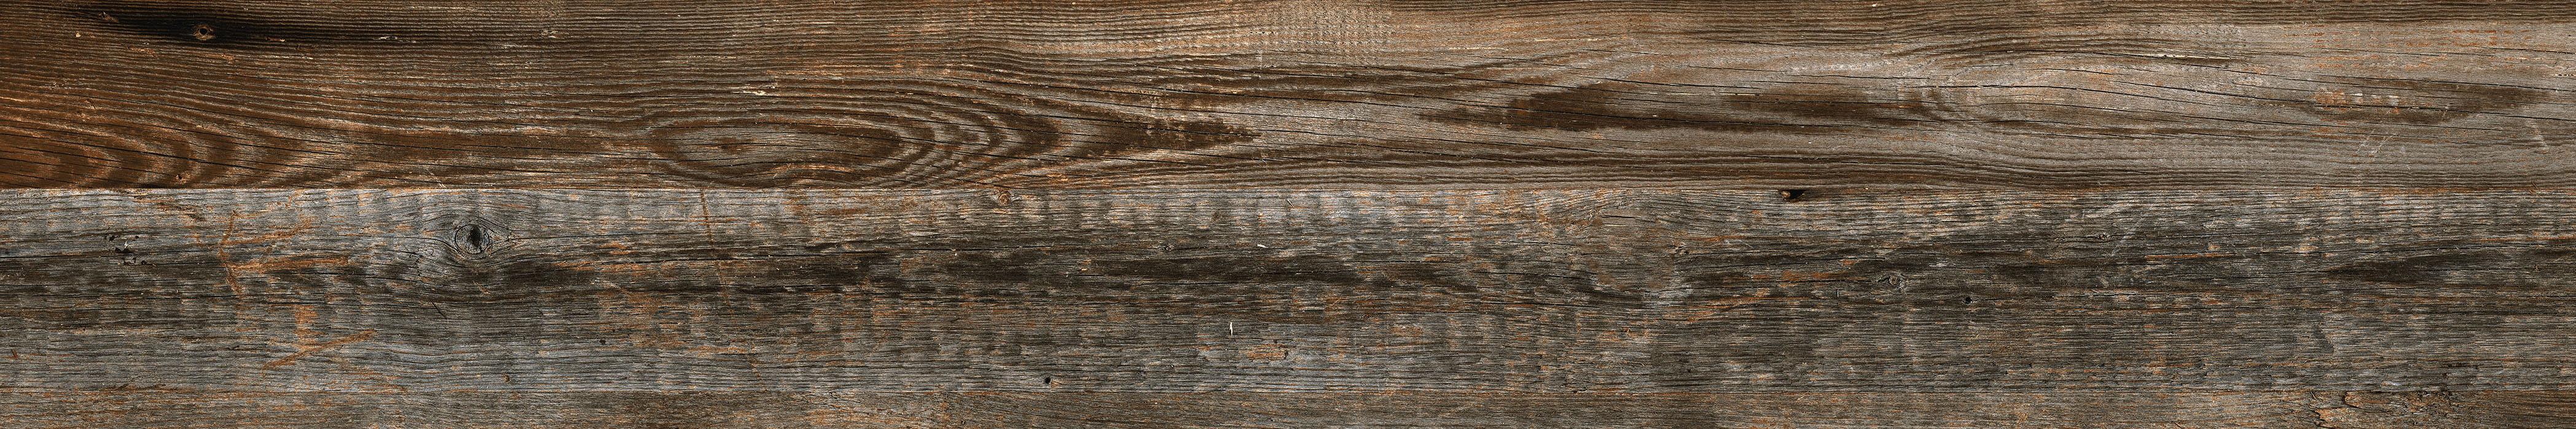 0591313, Artwood, Ruskea, lattia,pakkasenkesto,liukastumisenesto